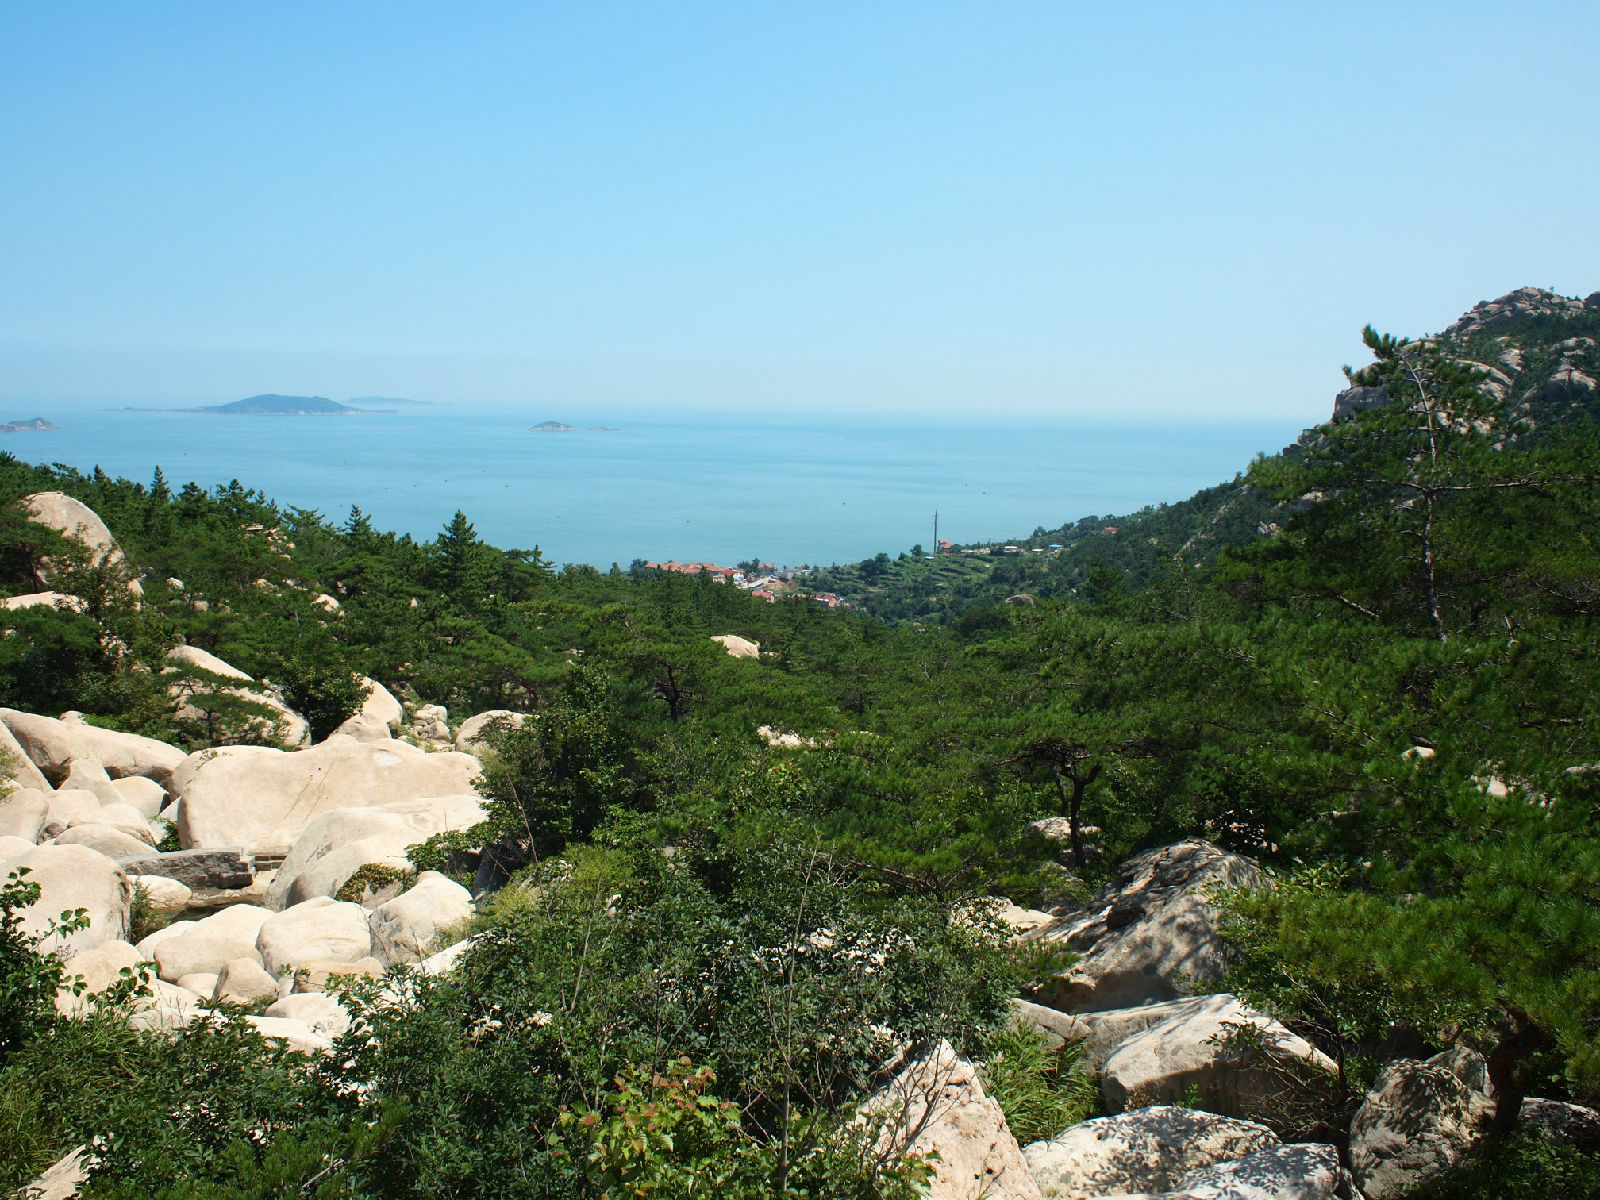 崂山是山东半岛的主要山脉,最高峰崂顶海拔1133米,是中国海岸线第一